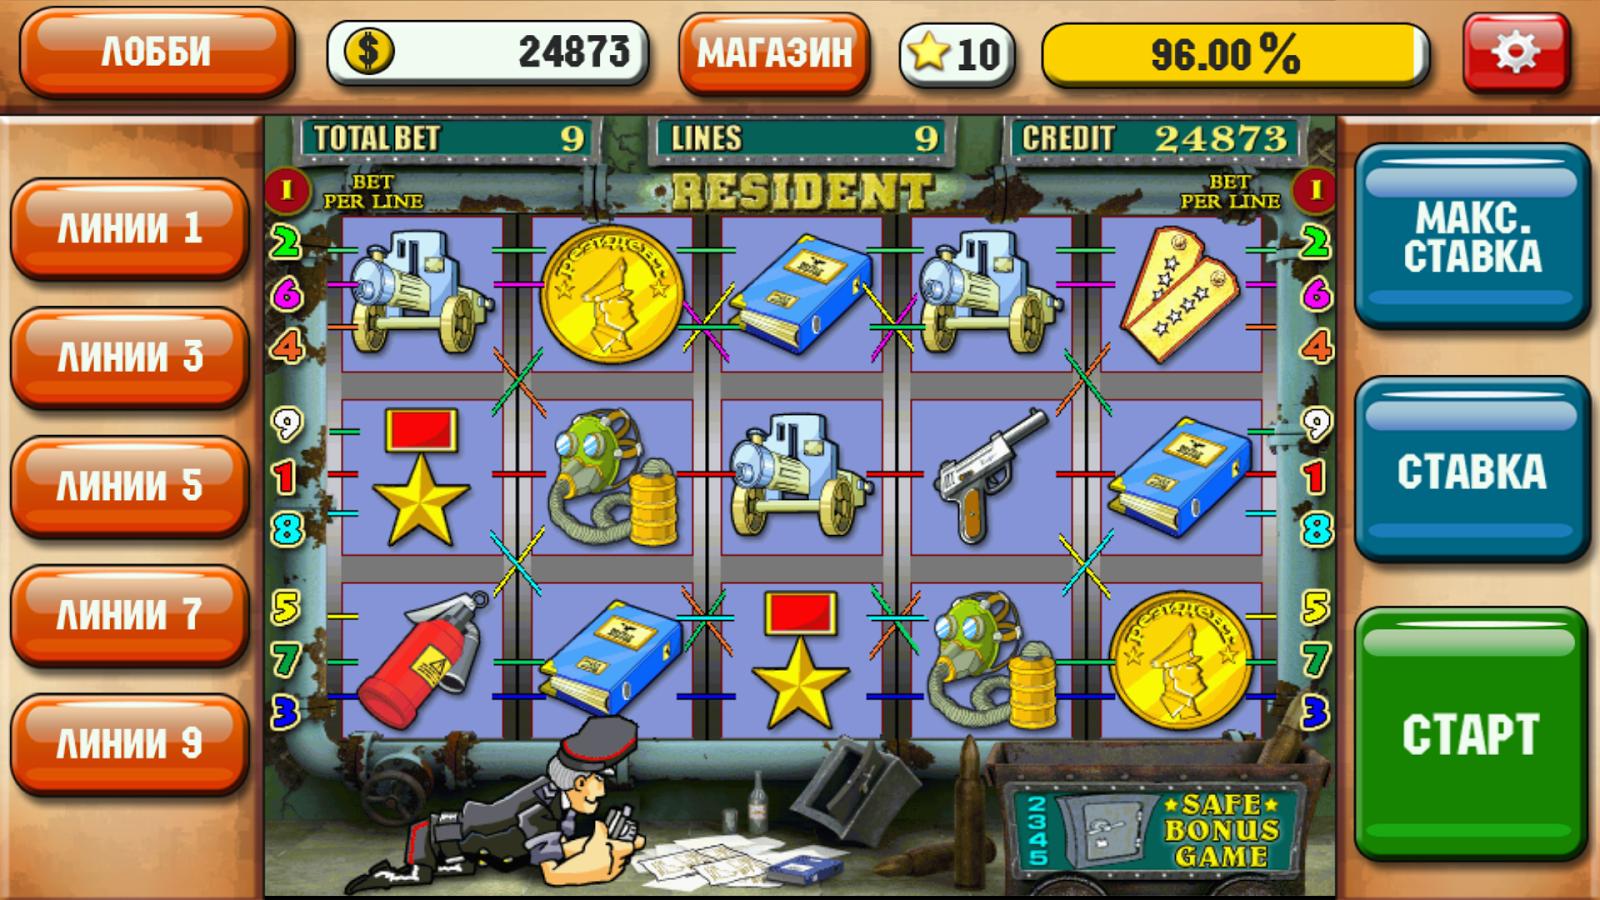 Программное обеспечение для игровых автоматов